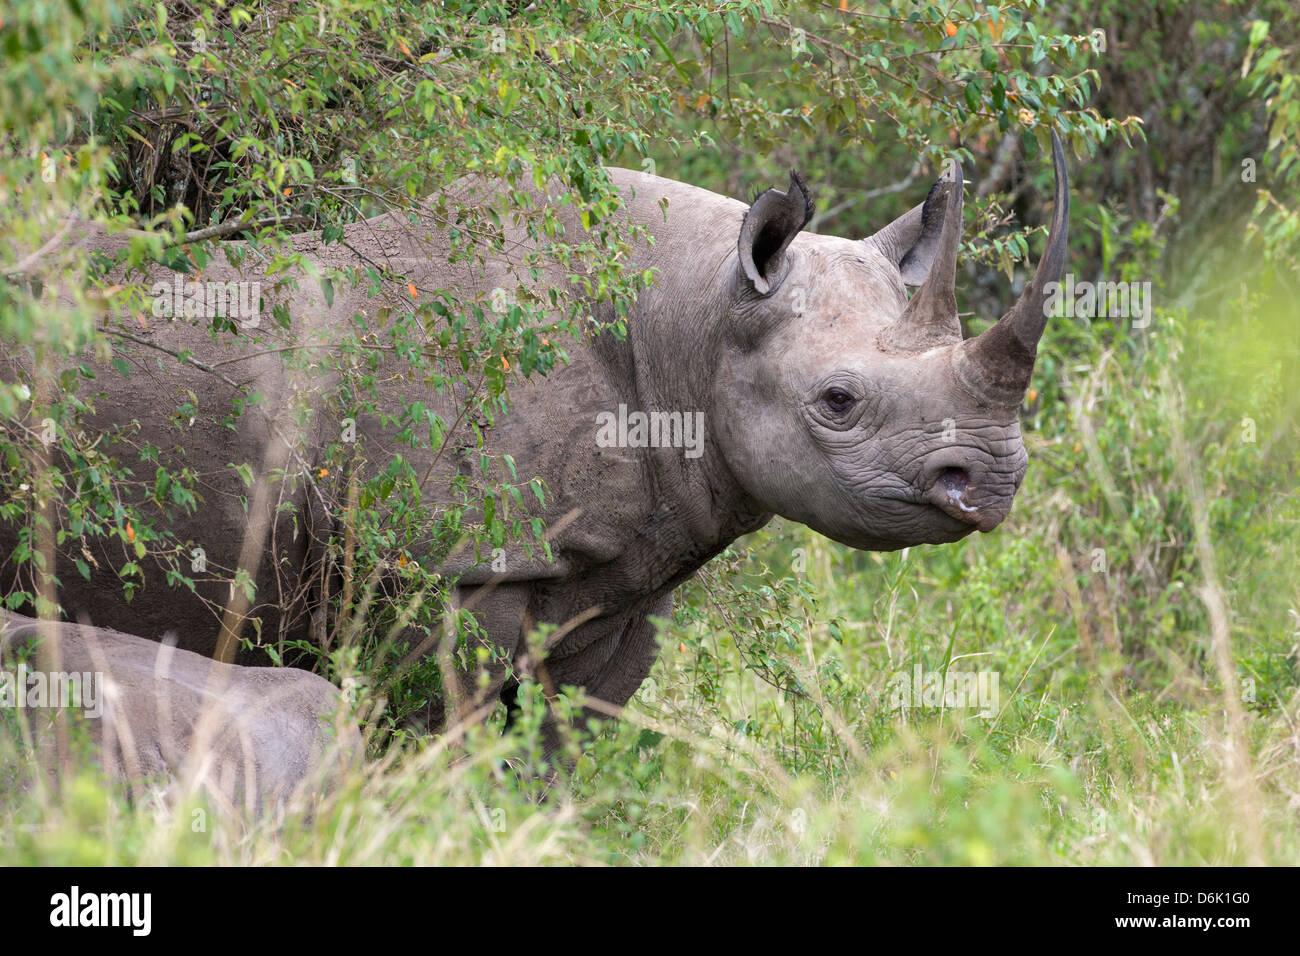 Black rhino (Diceros bicornis), Masai Mara, Kenya, East Africa, Africa - Stock Image